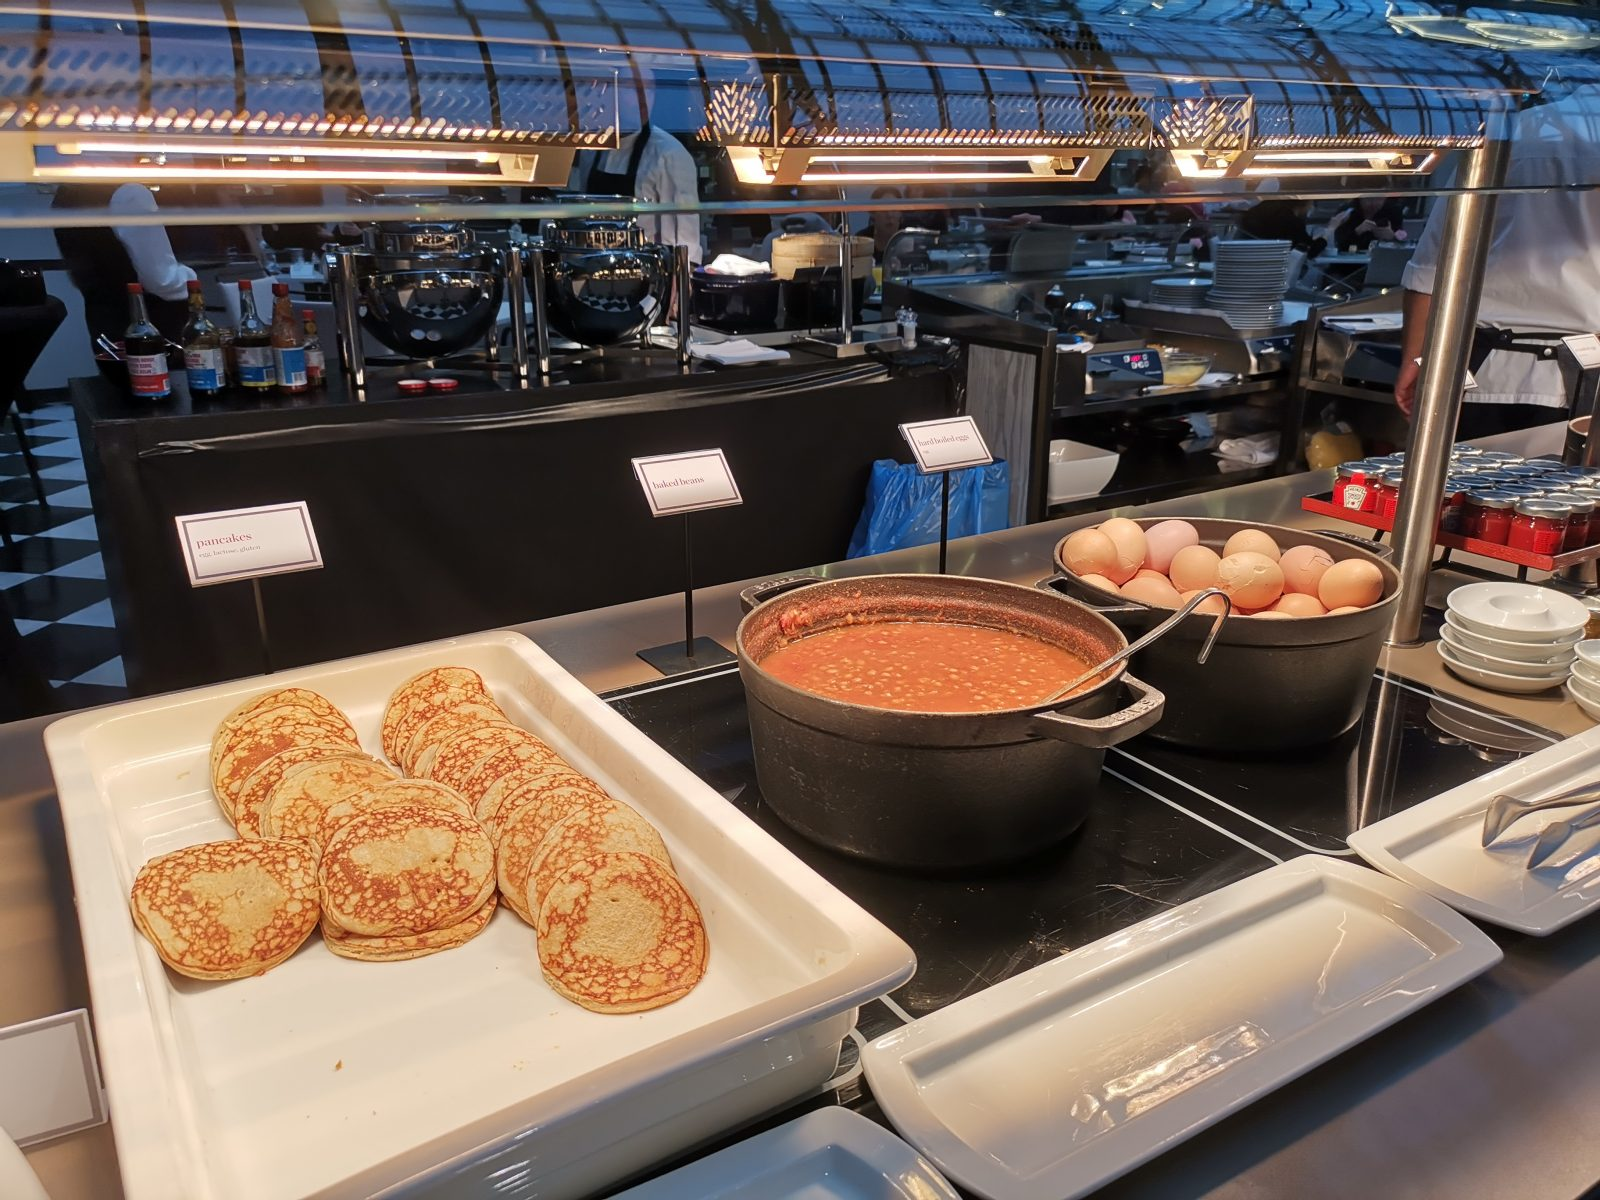 NH コレクション アムステルダム グランド ホテル クラスナポルスキーの朝食(パンケーキ、ビーンズ、ゆで卵)